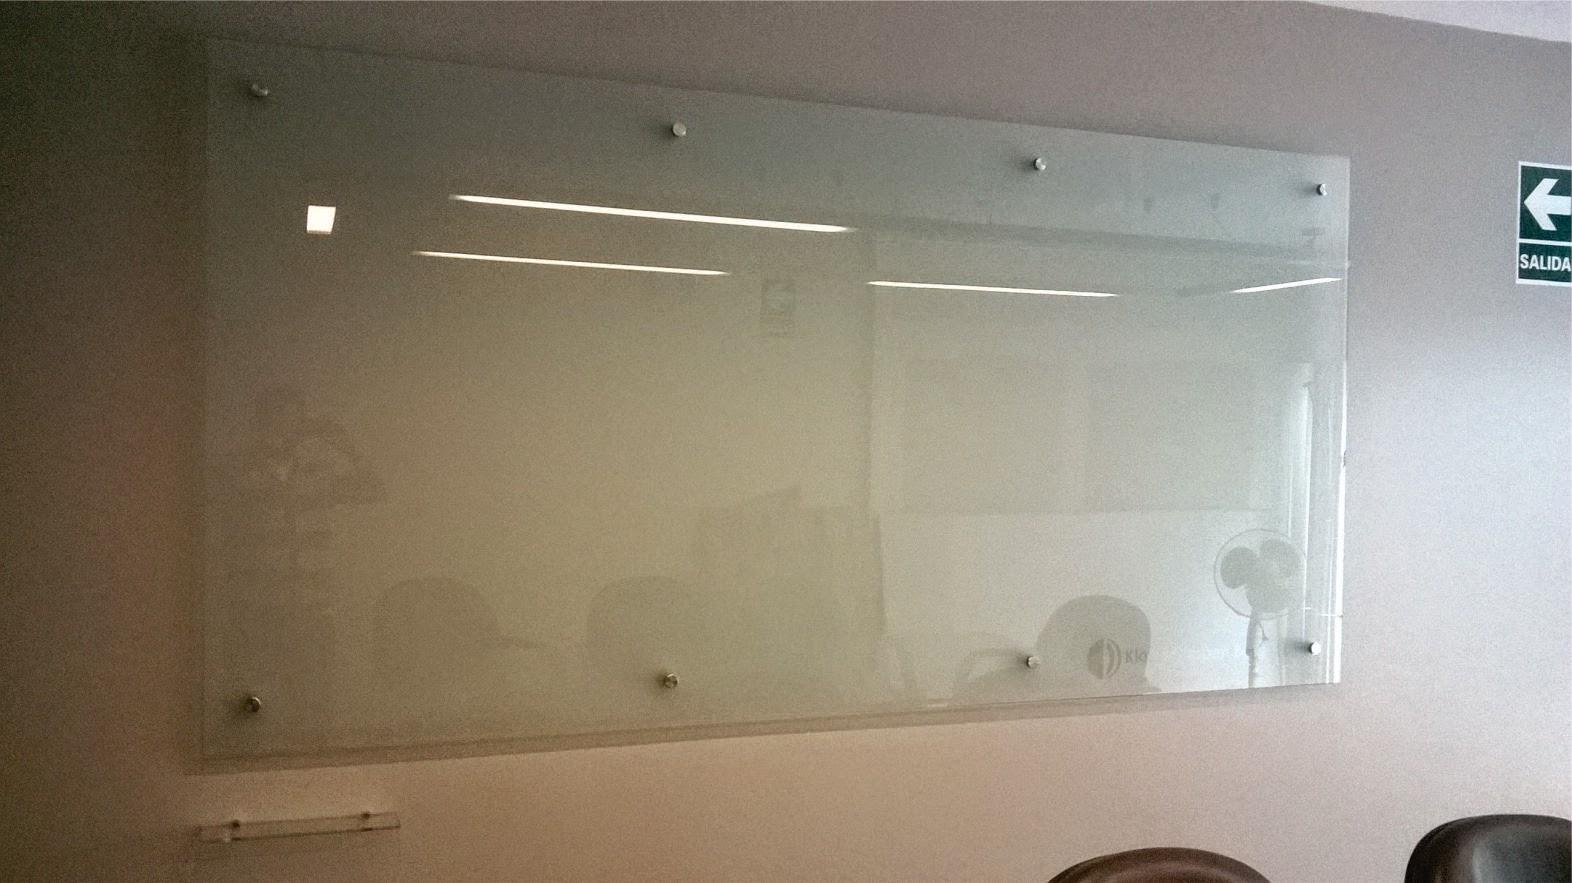 Vka publicidad letreros s a c pizarra en vidrio de - Pintura de pizarra para pared ...